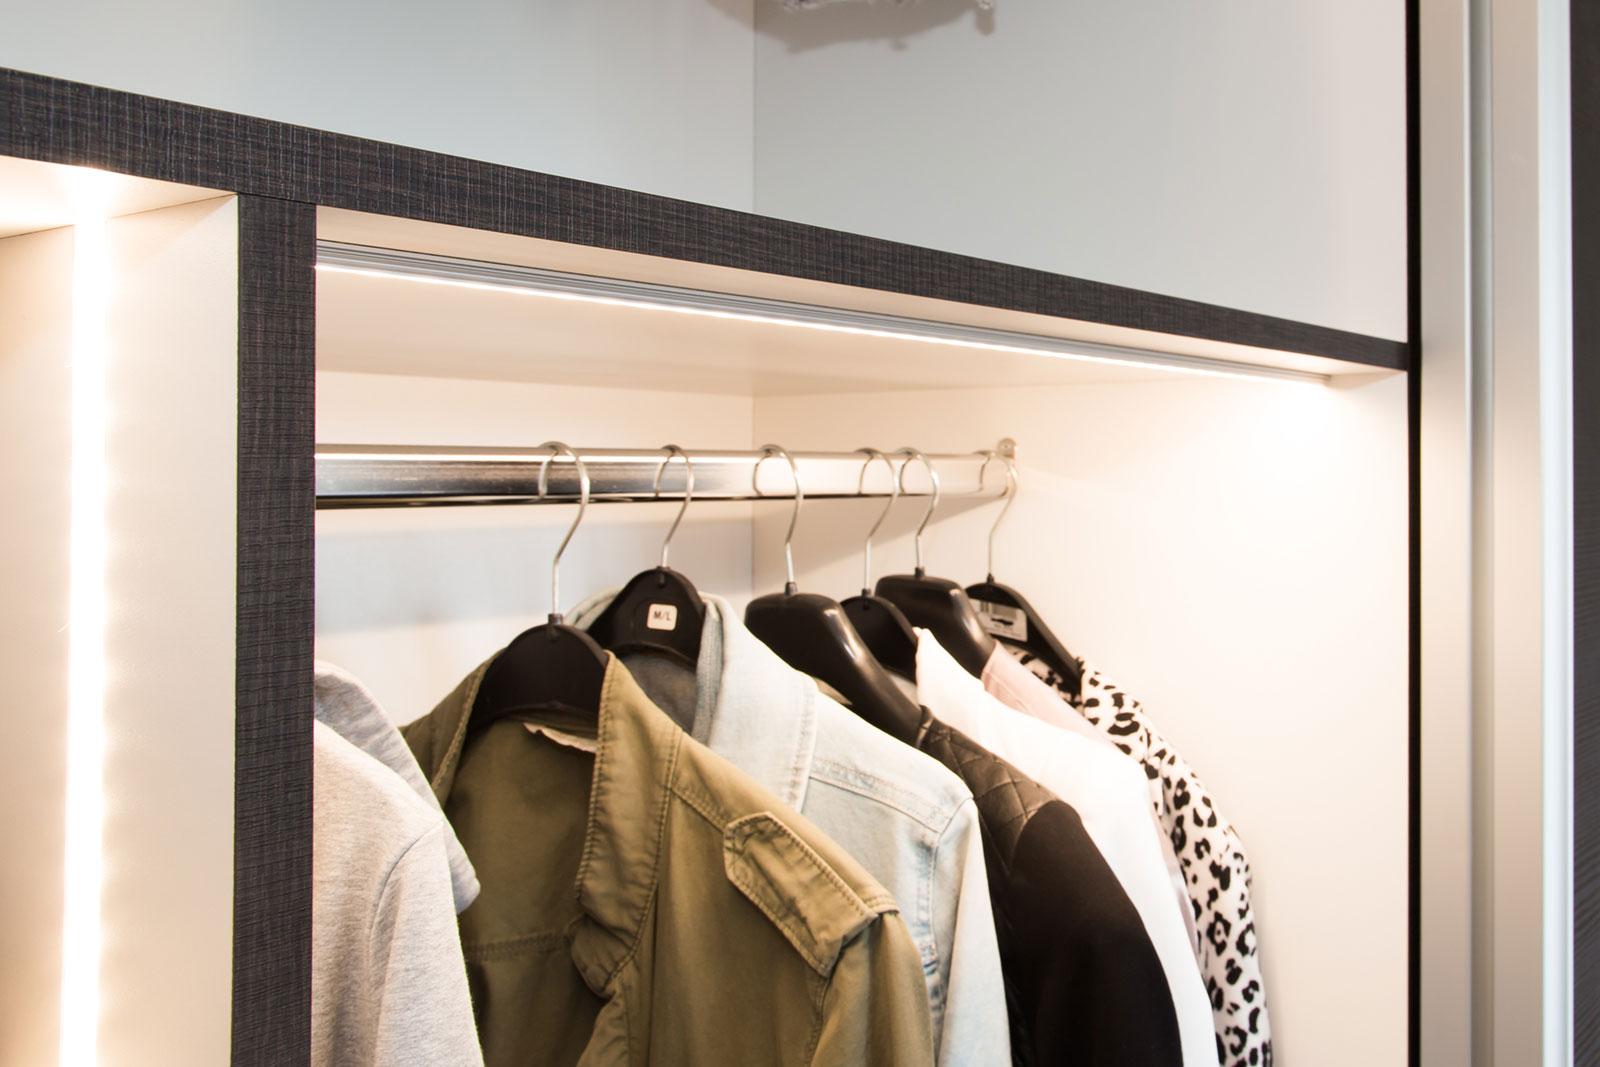 Slaapkamer Deuren : Schuifkast met bewegingsmelder bij openen deuren ...